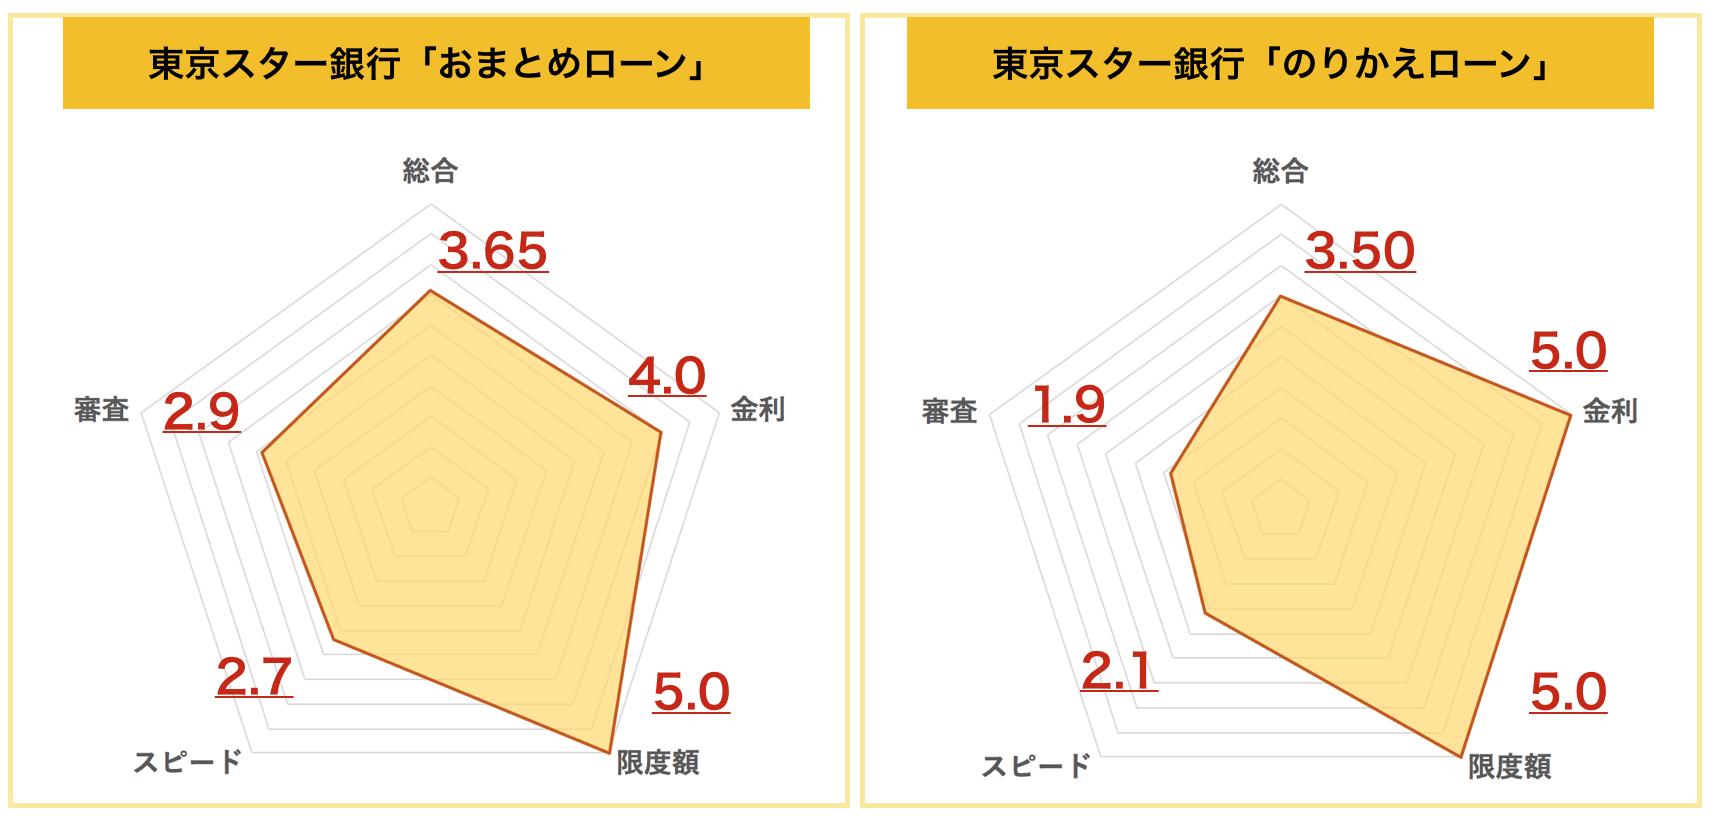 東京スター銀行のおまとめ・のりかえローン